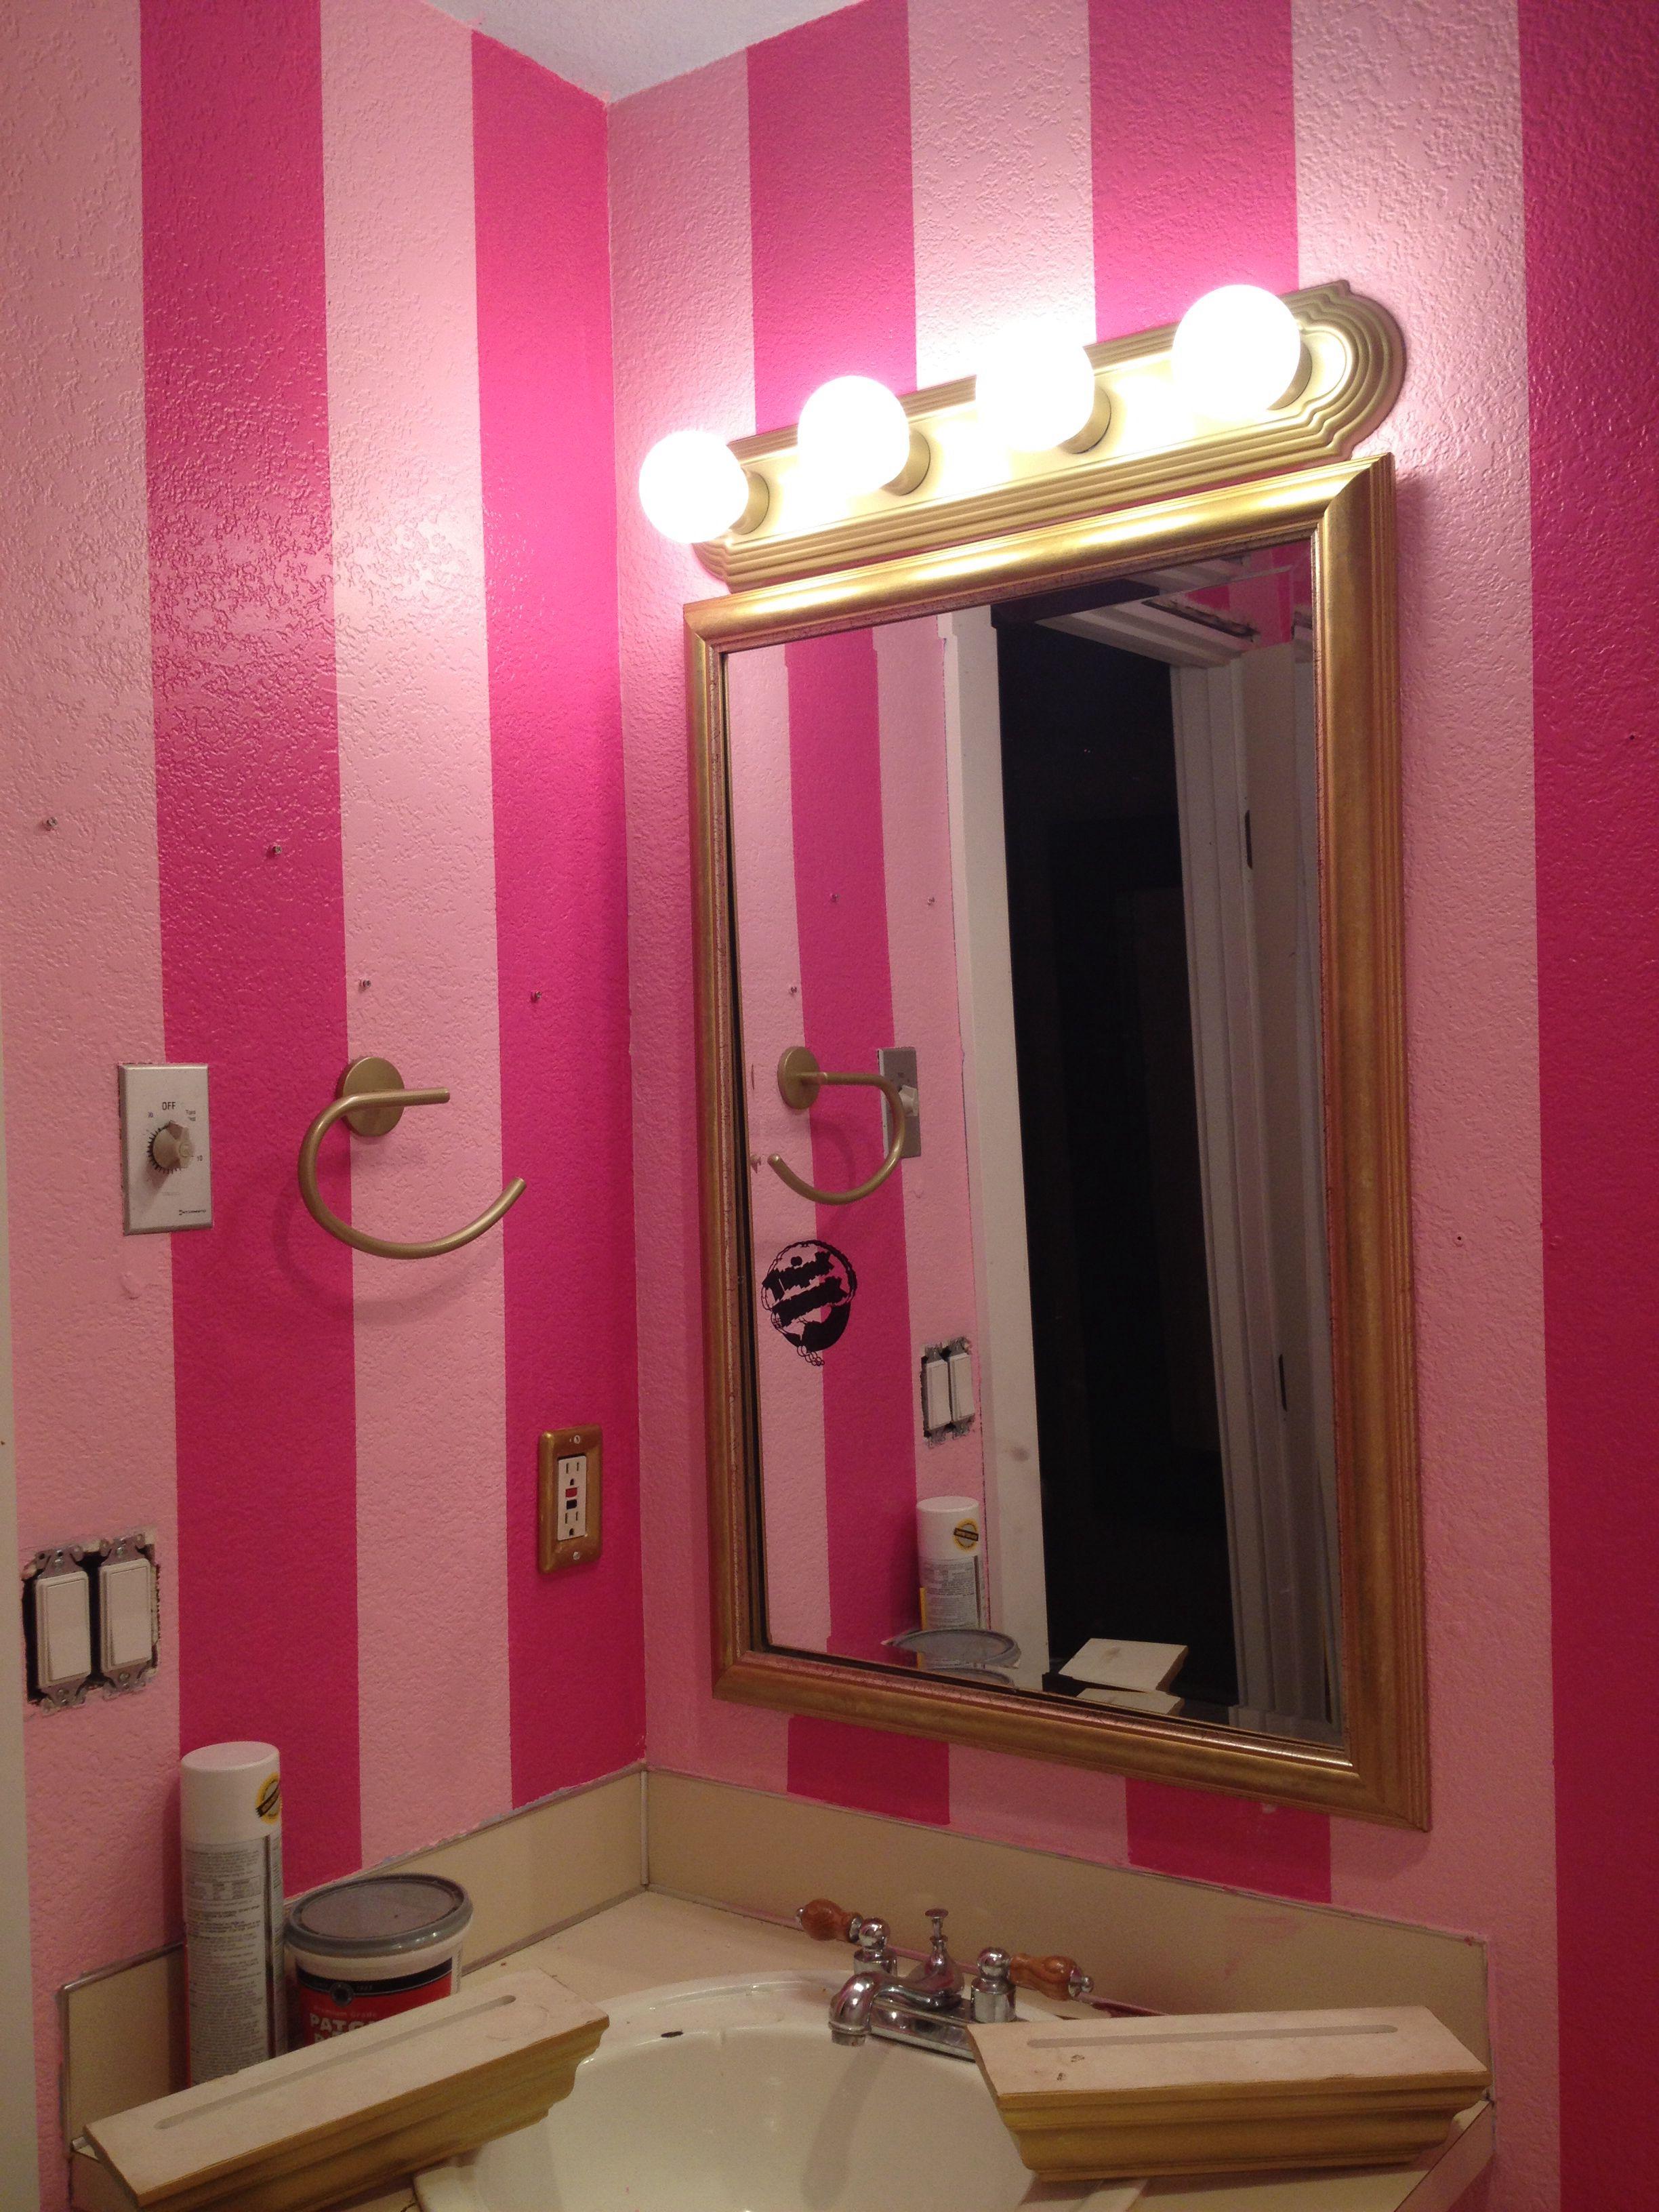 Victoria S Secret Bathroom Striped Walls Pink